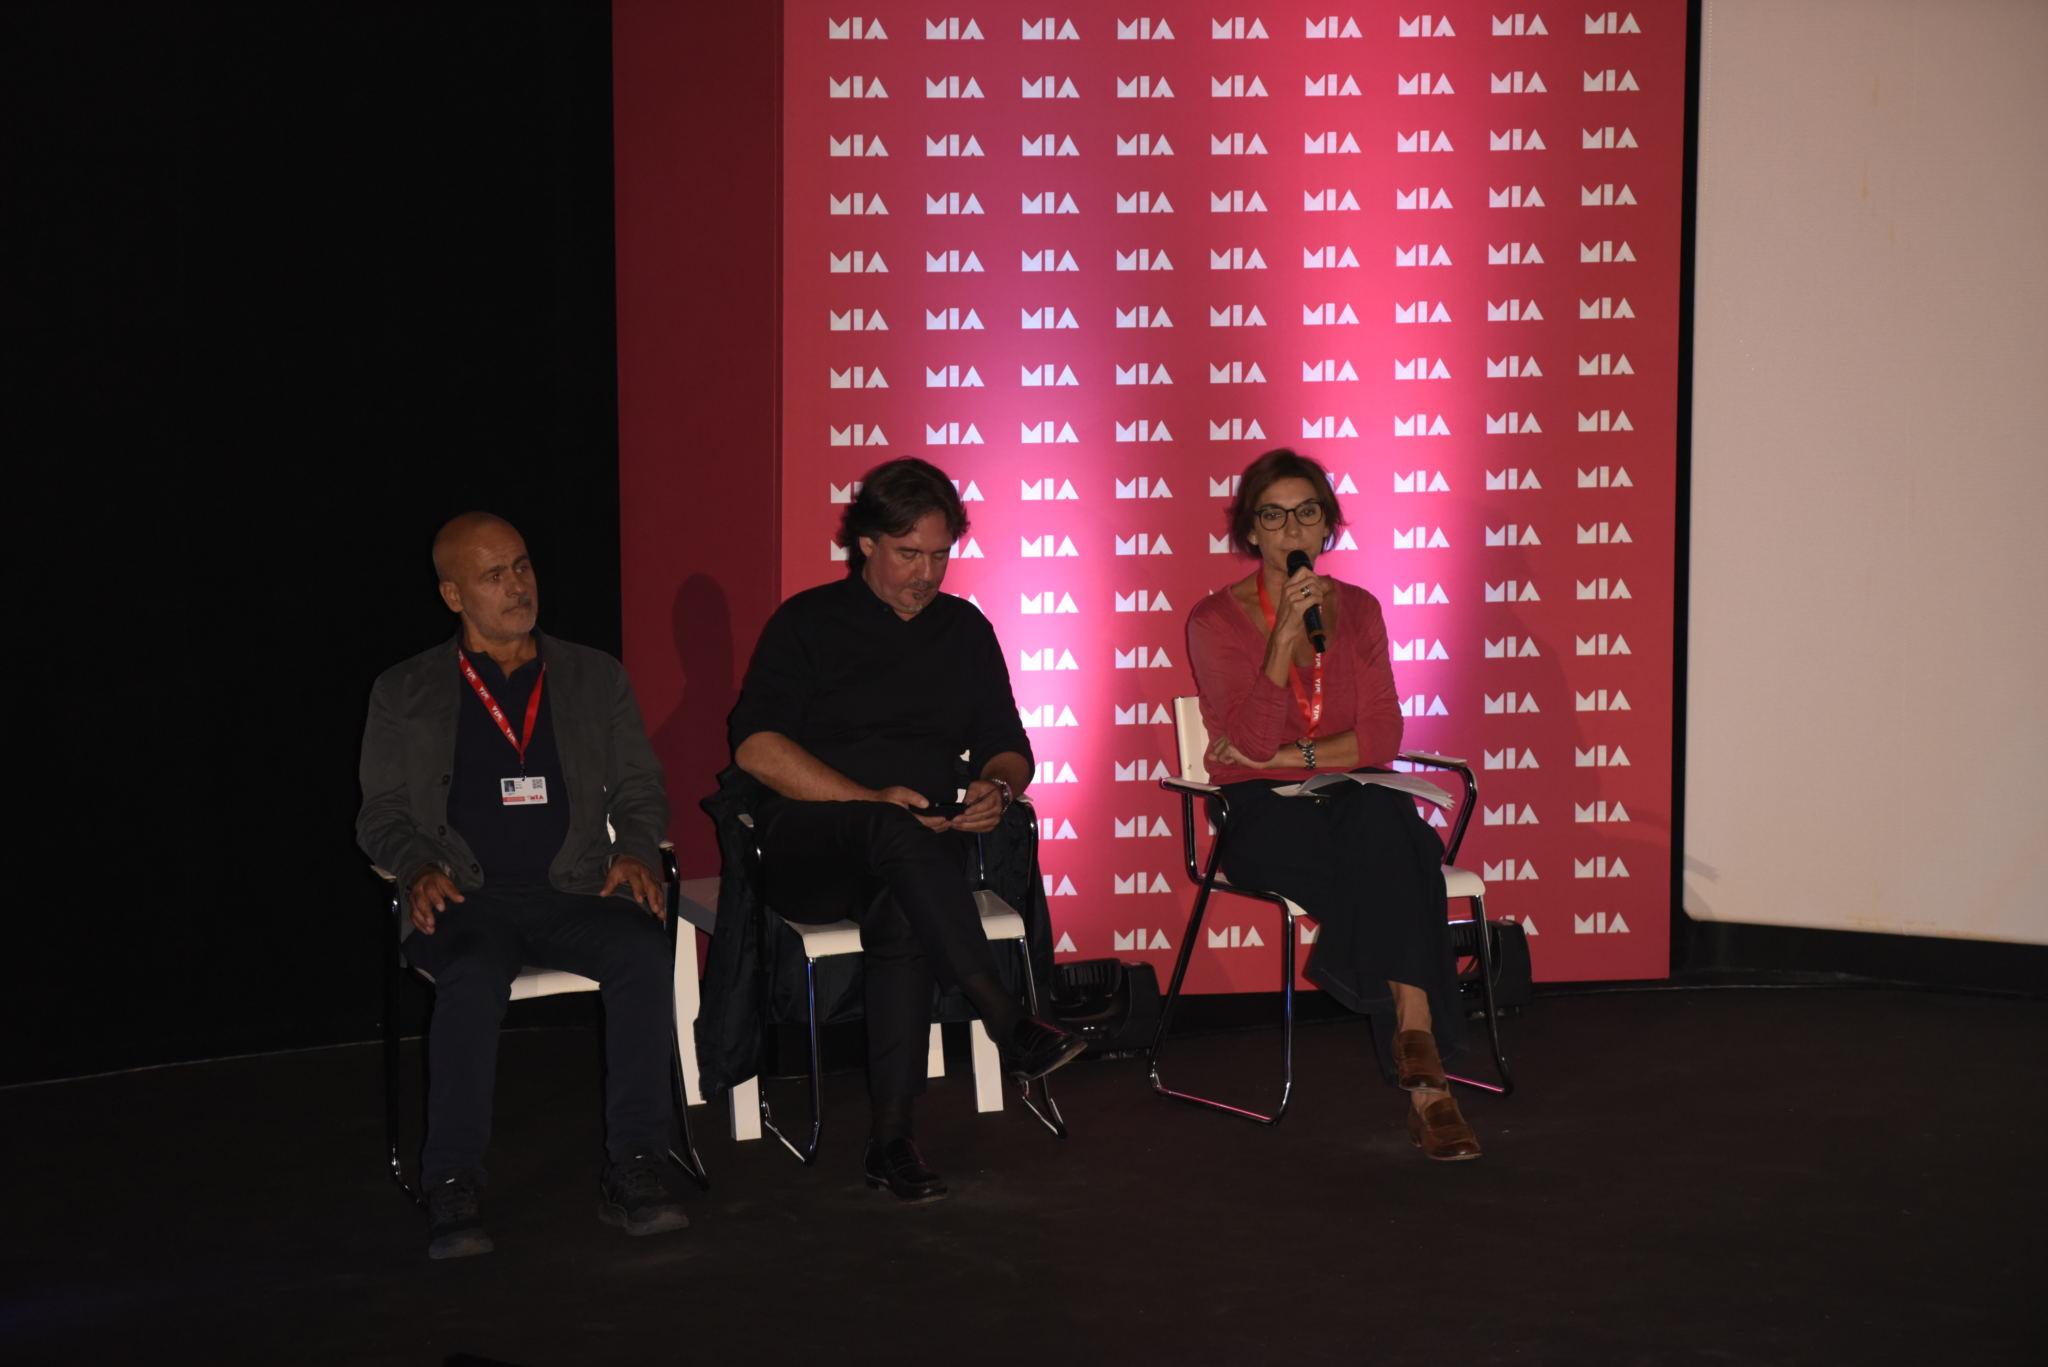 Raffaele Brunetti, Mario Paloschi, Chiara Maria Francesca Salvo